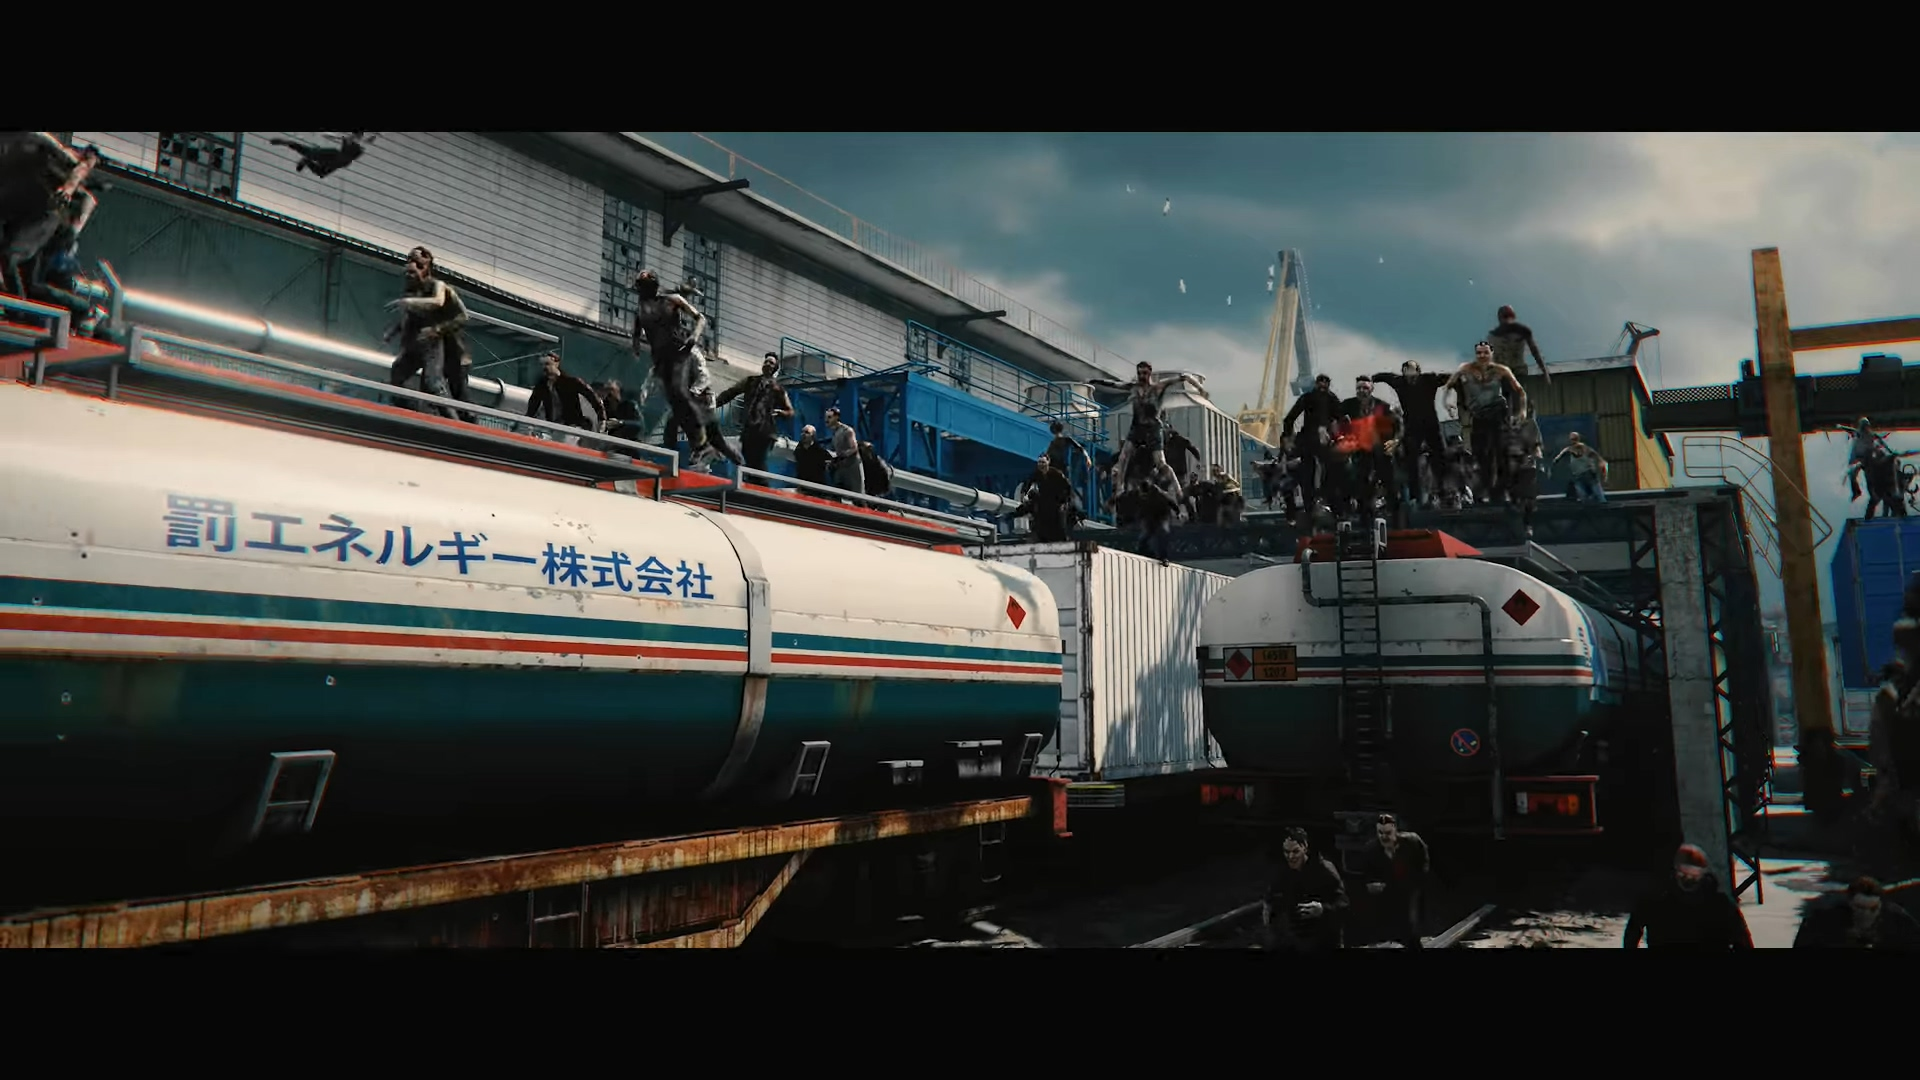 《僵尸世界大战》加入日本东京地图 首发扩展到4个章节